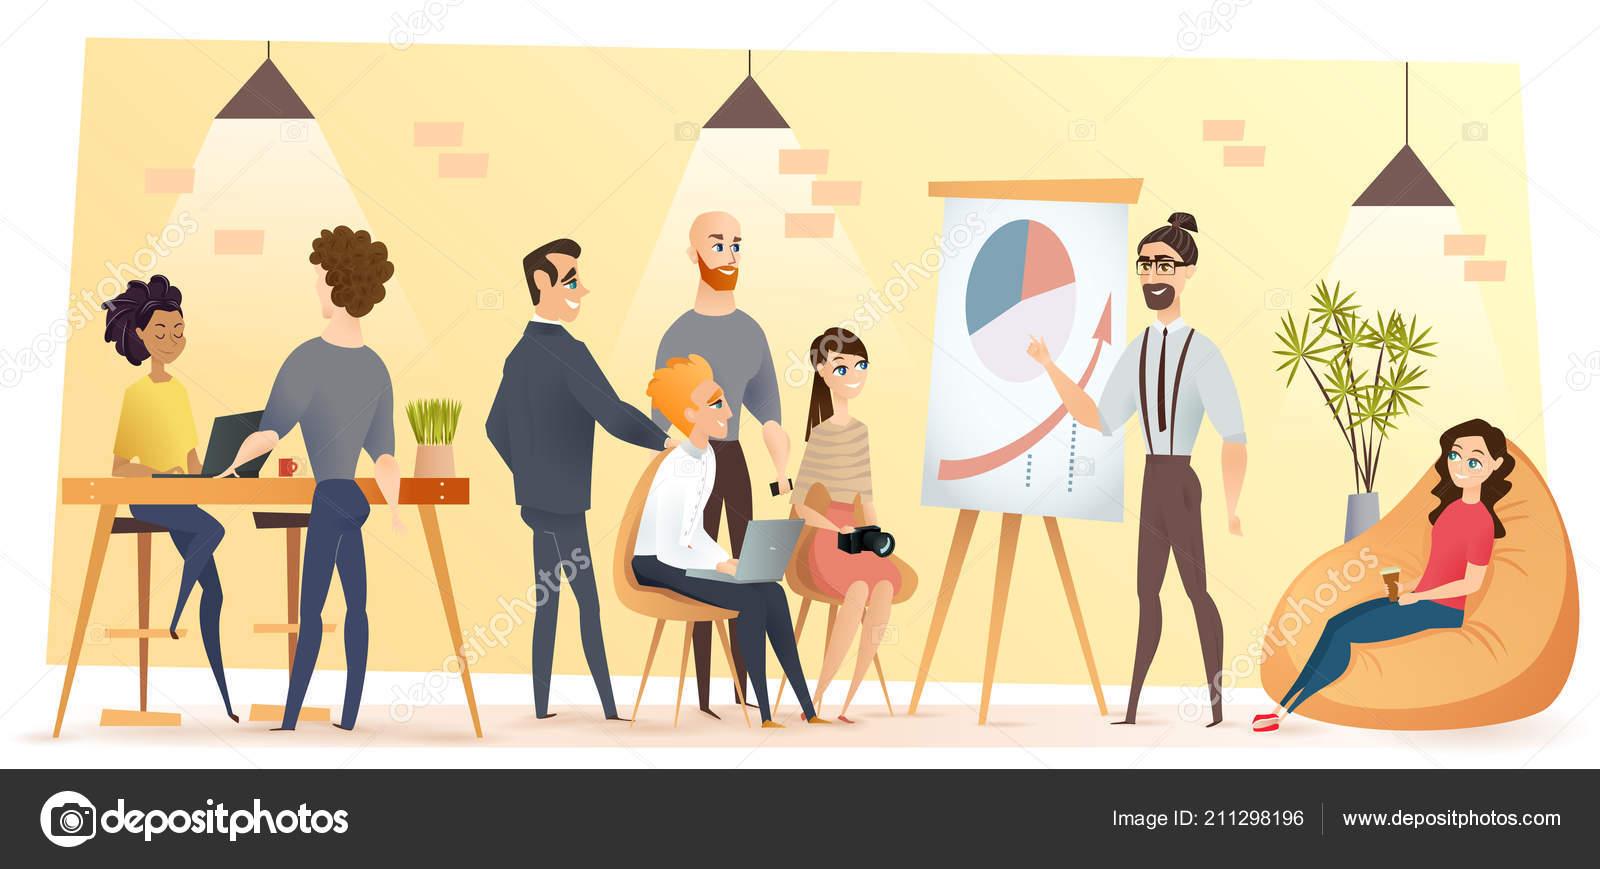 Imagenes De Personas Trabajando En Equipo: Vector De Dibujos Animados De Gente Trabajando En Oficina